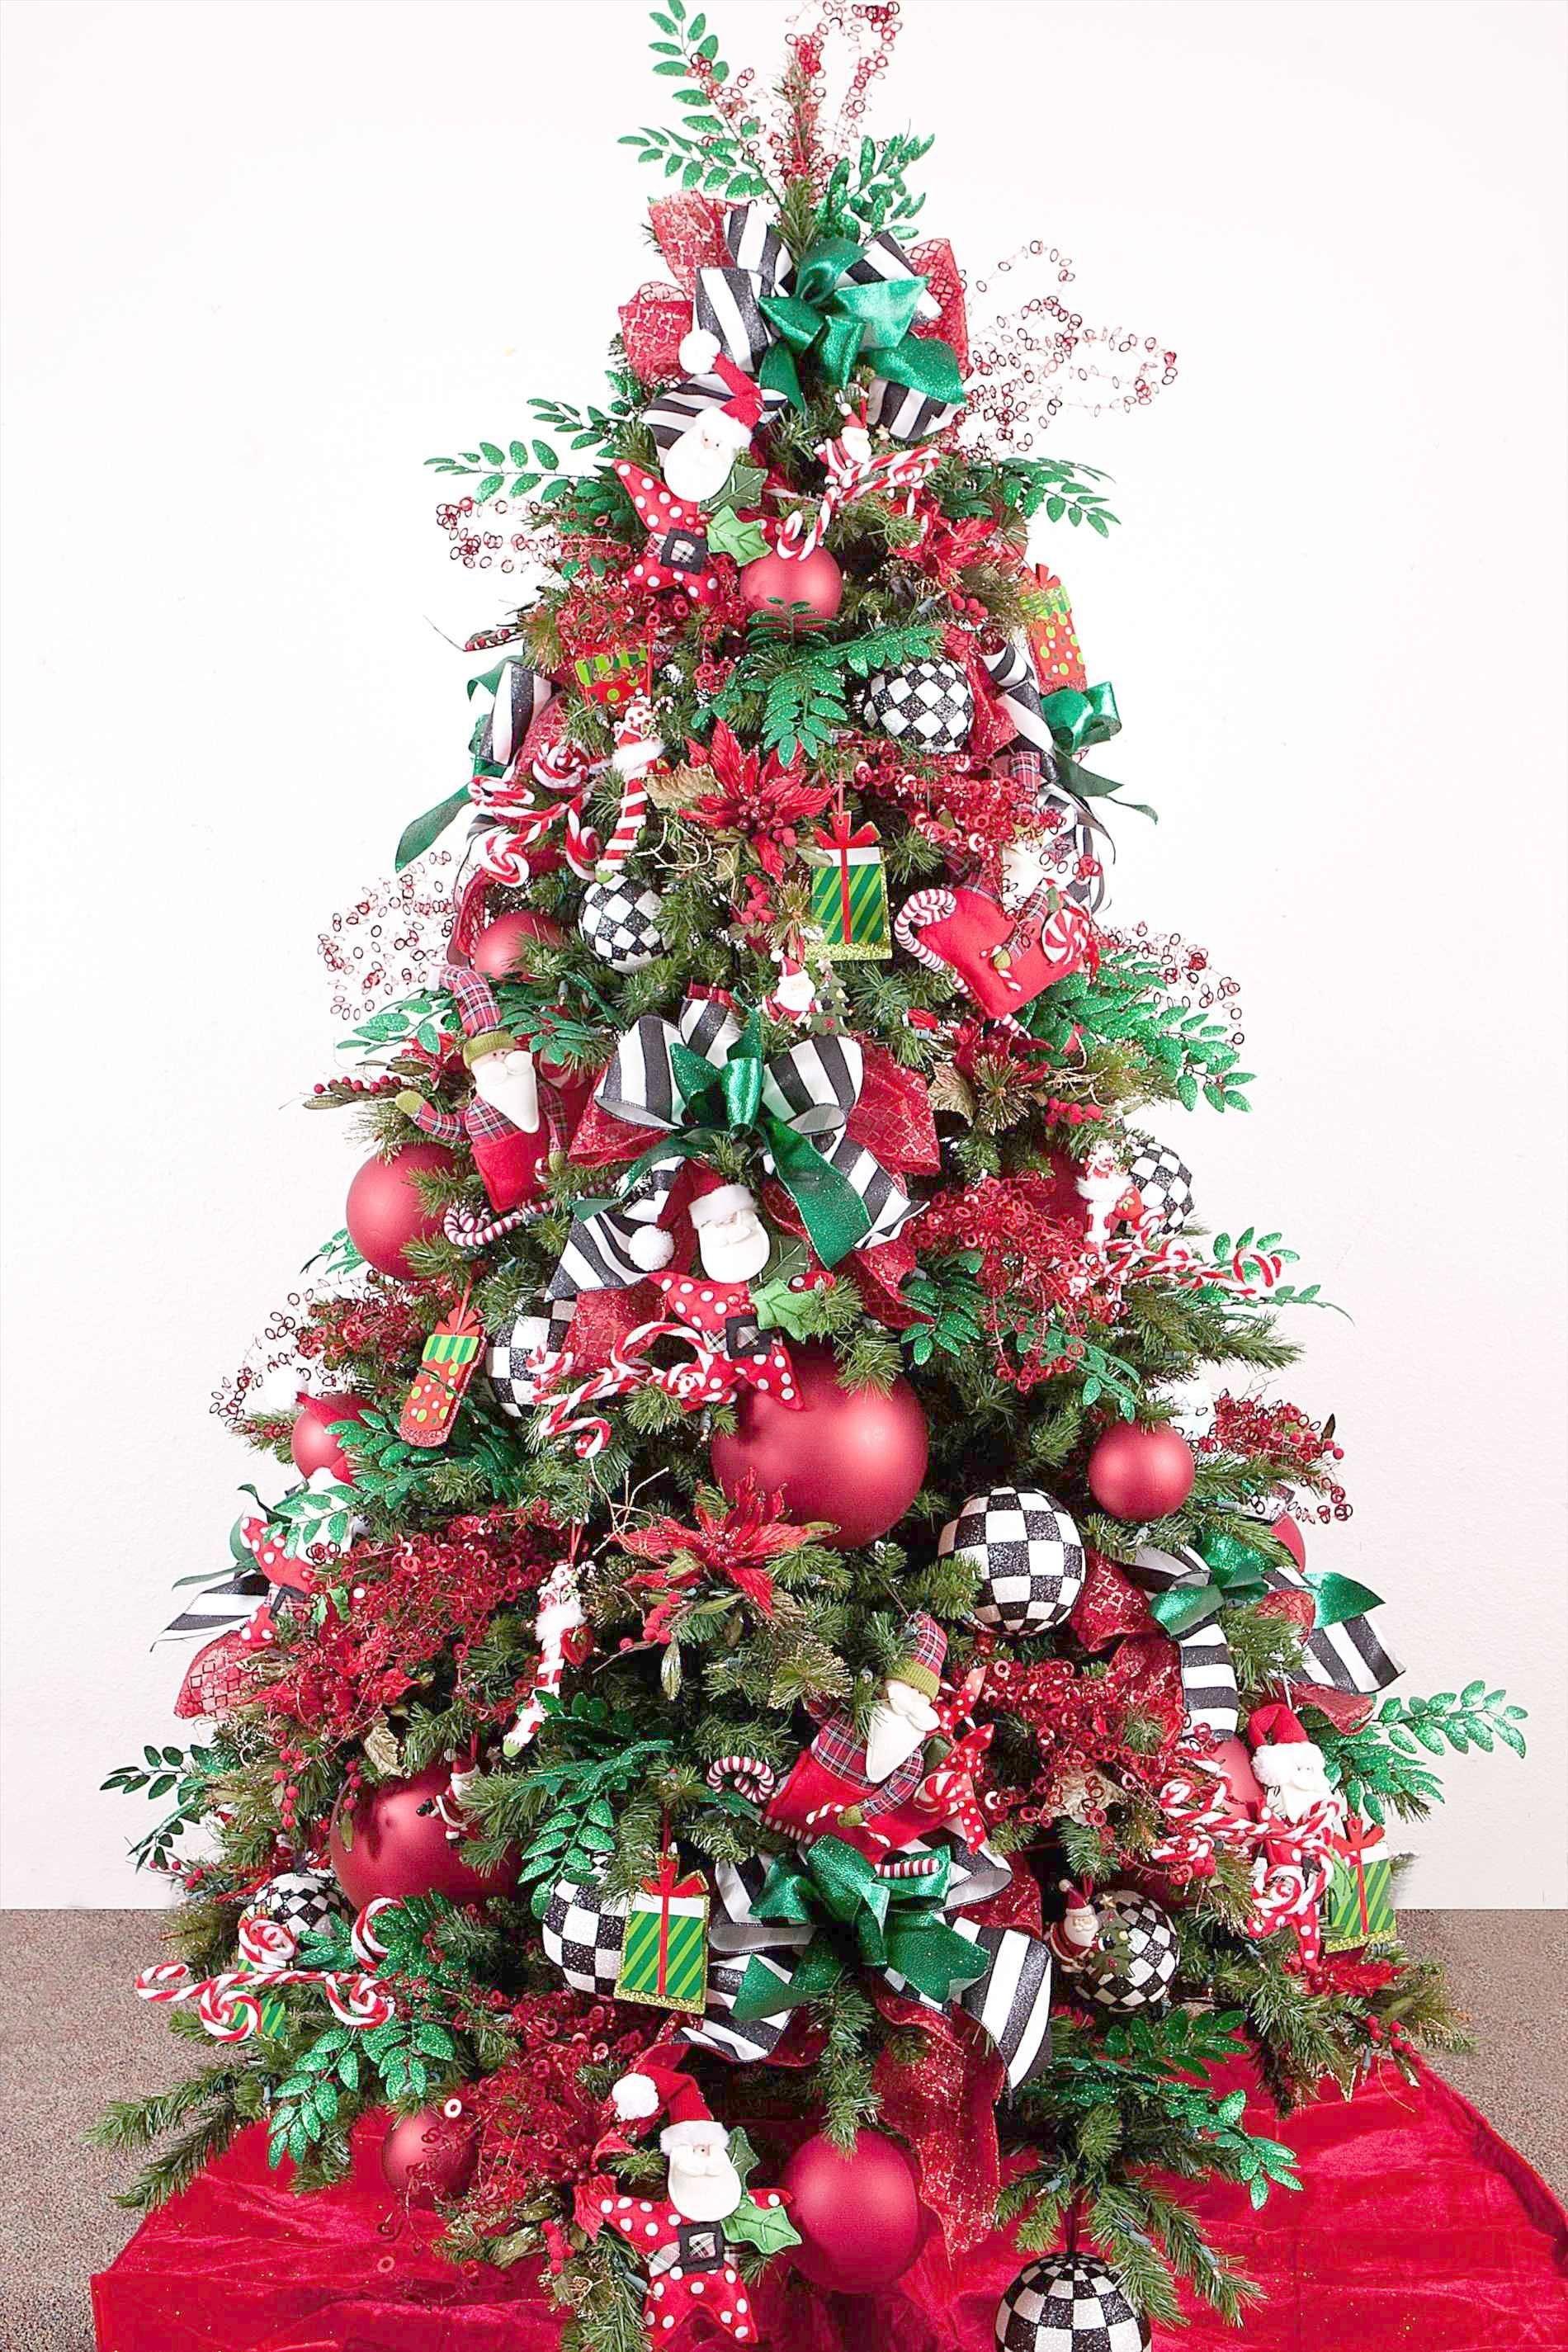 Menards 9 Ft Christmas Trees The Christmas Garland Green Christmas Decorations Christmas Tree Themes Colorful Christmas Tree